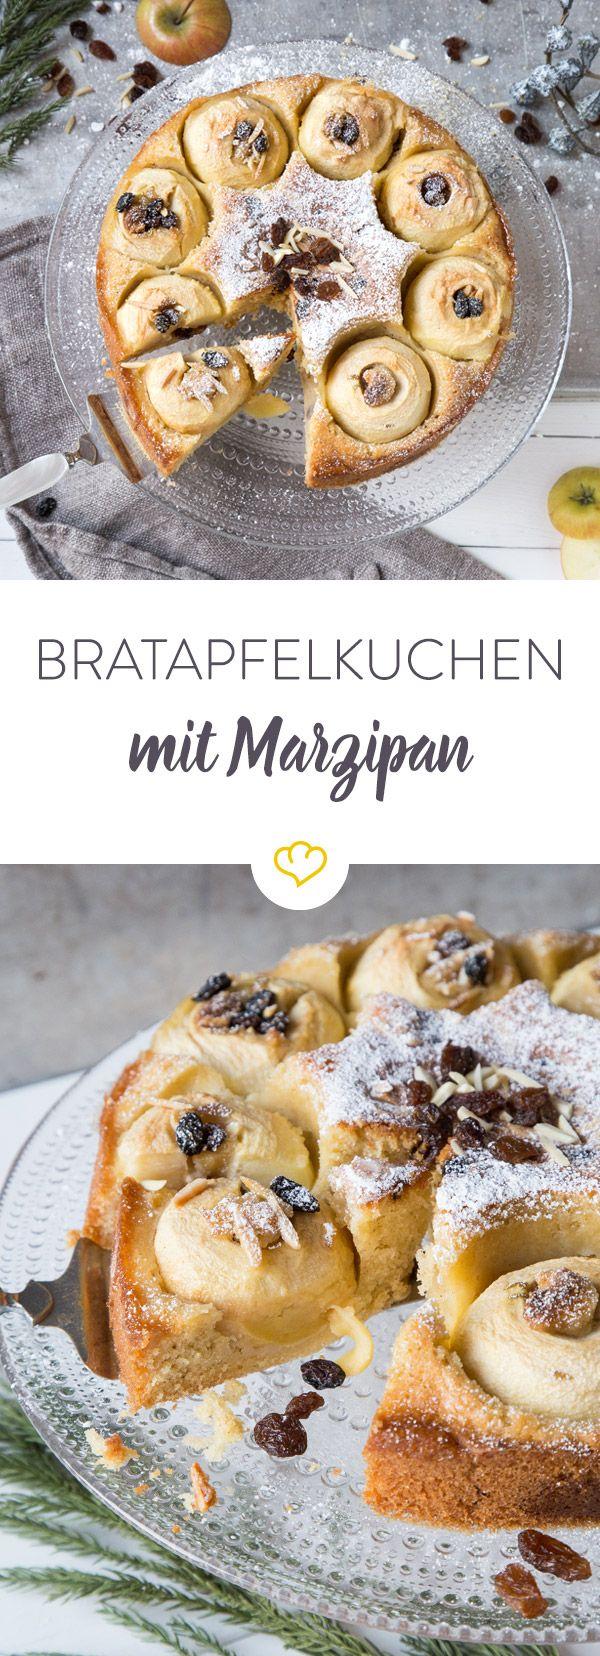 Süße Adventszeit: Wir verbacken klassische Bratäpfel mit Marzipanfüllung in warmem Kuchenteig und lassen Puderzucker leise rieseln.